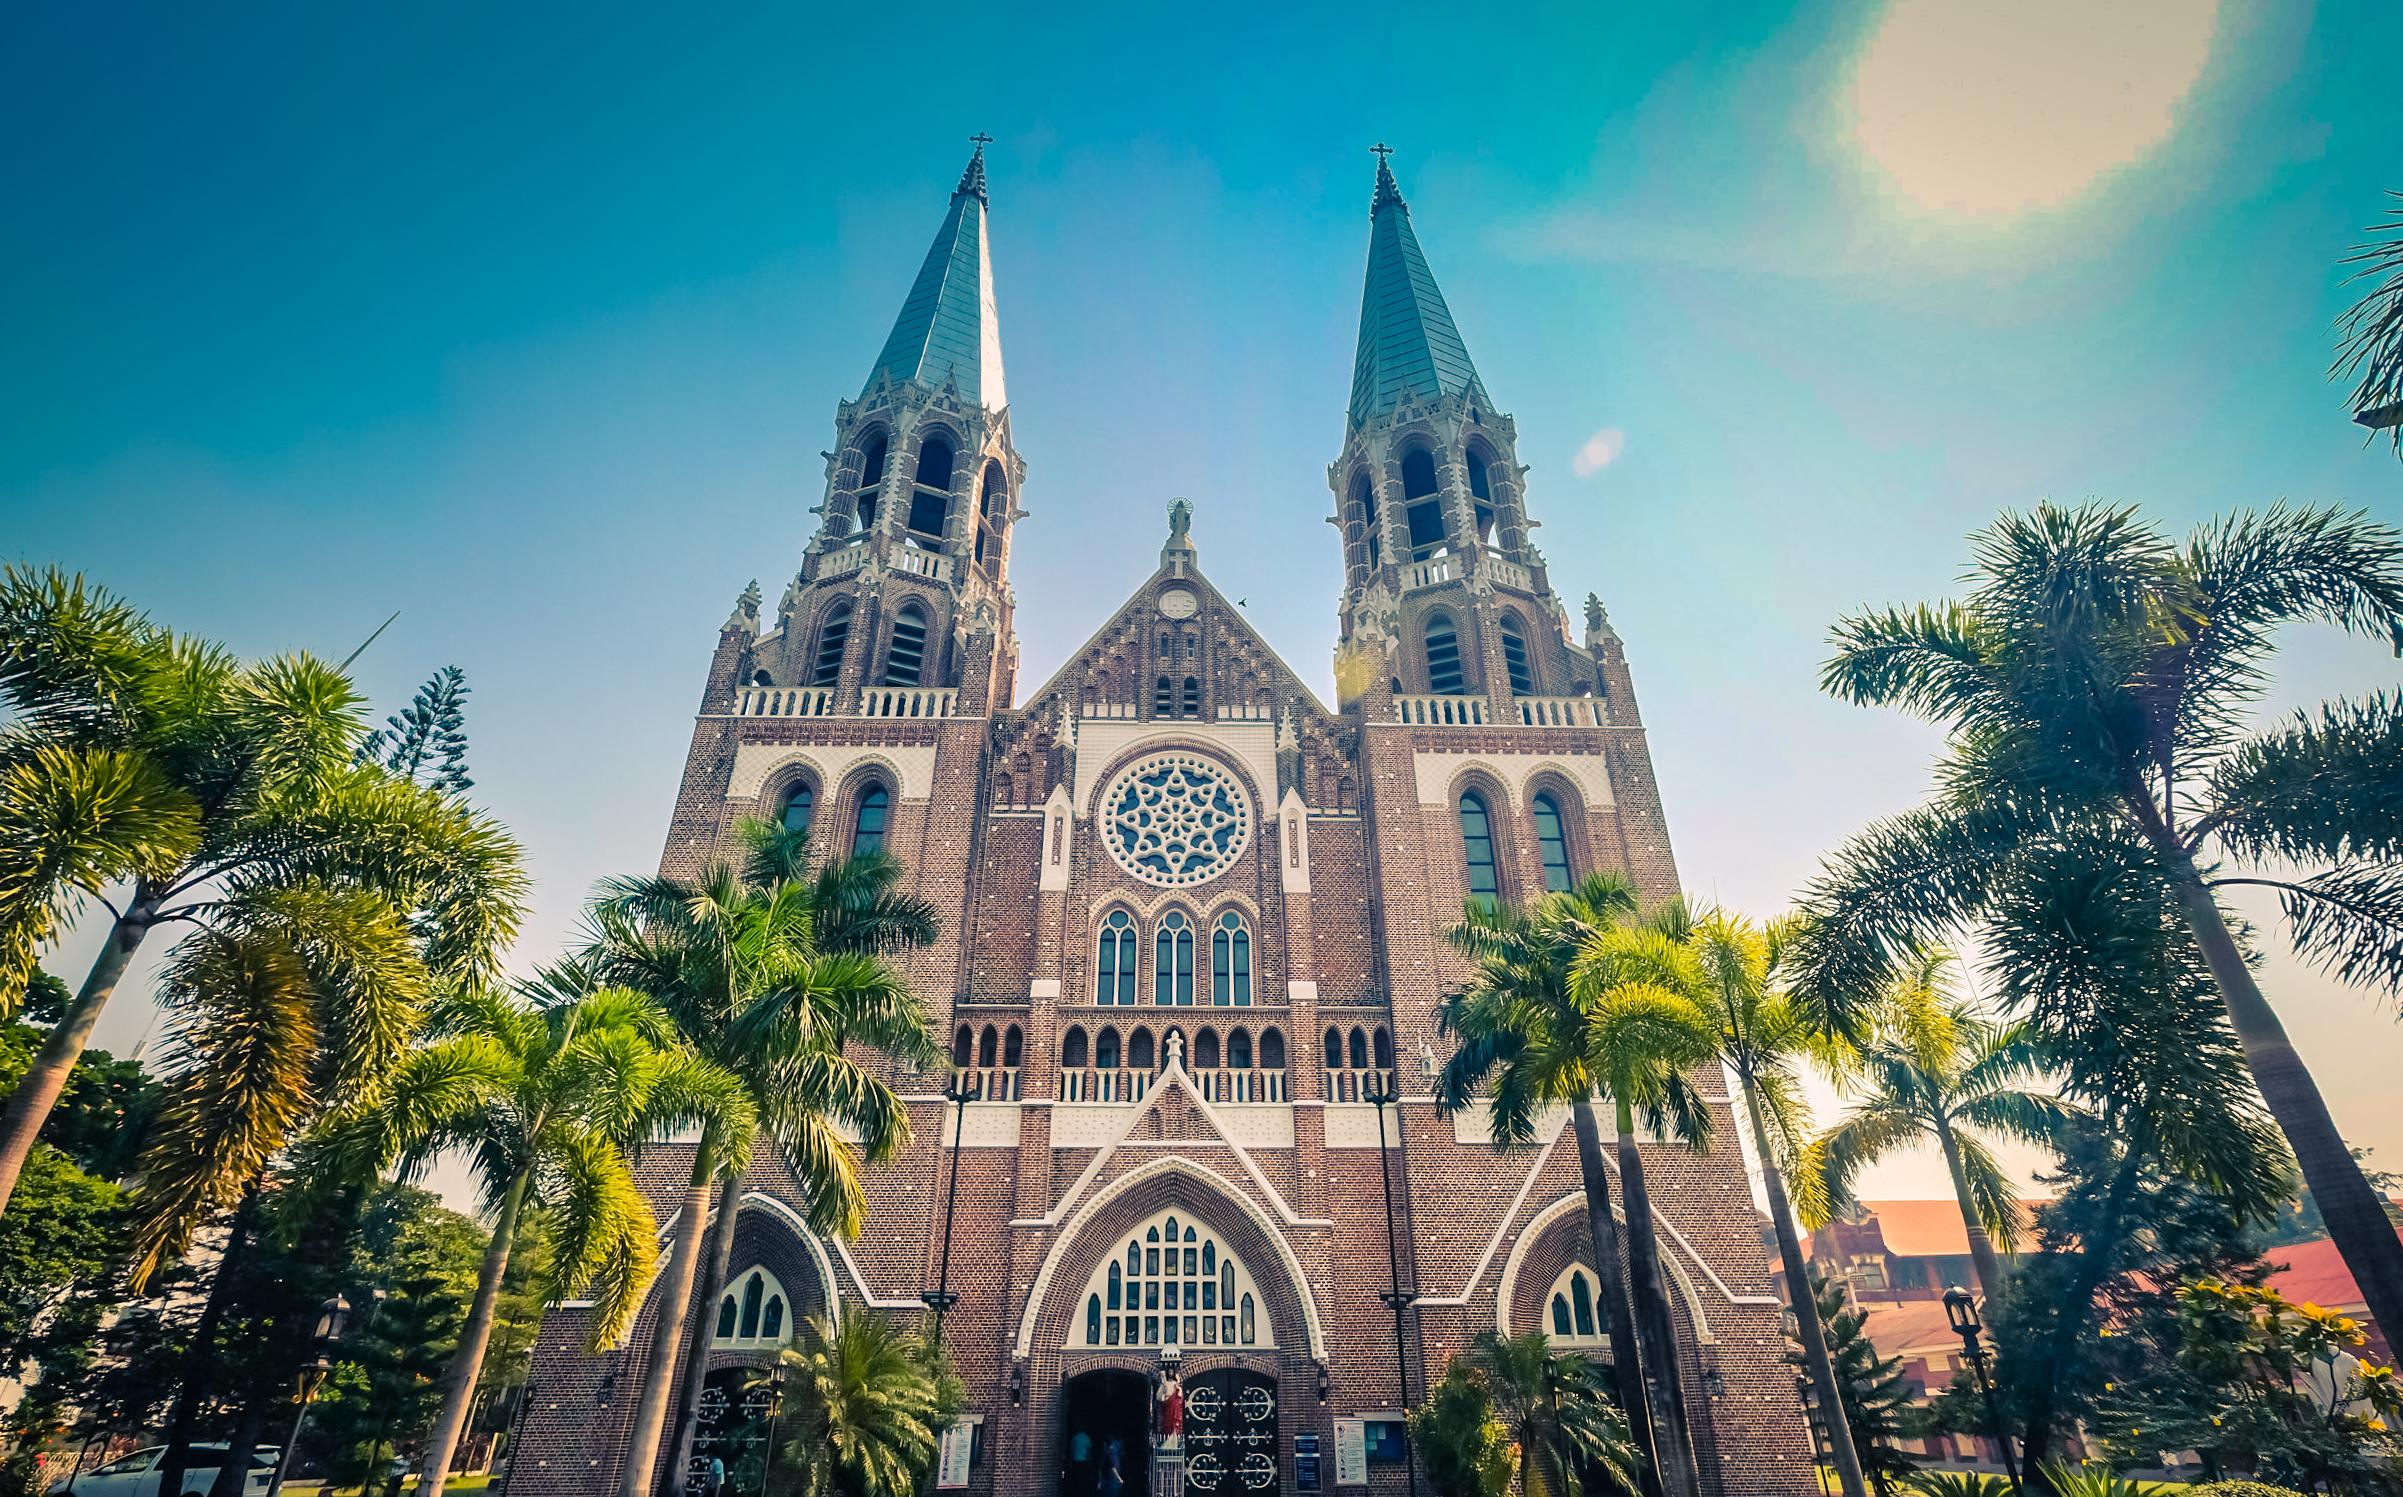 緬甸 – 仰光2日行 Day 2 聖瑪麗大教堂&水上巴士